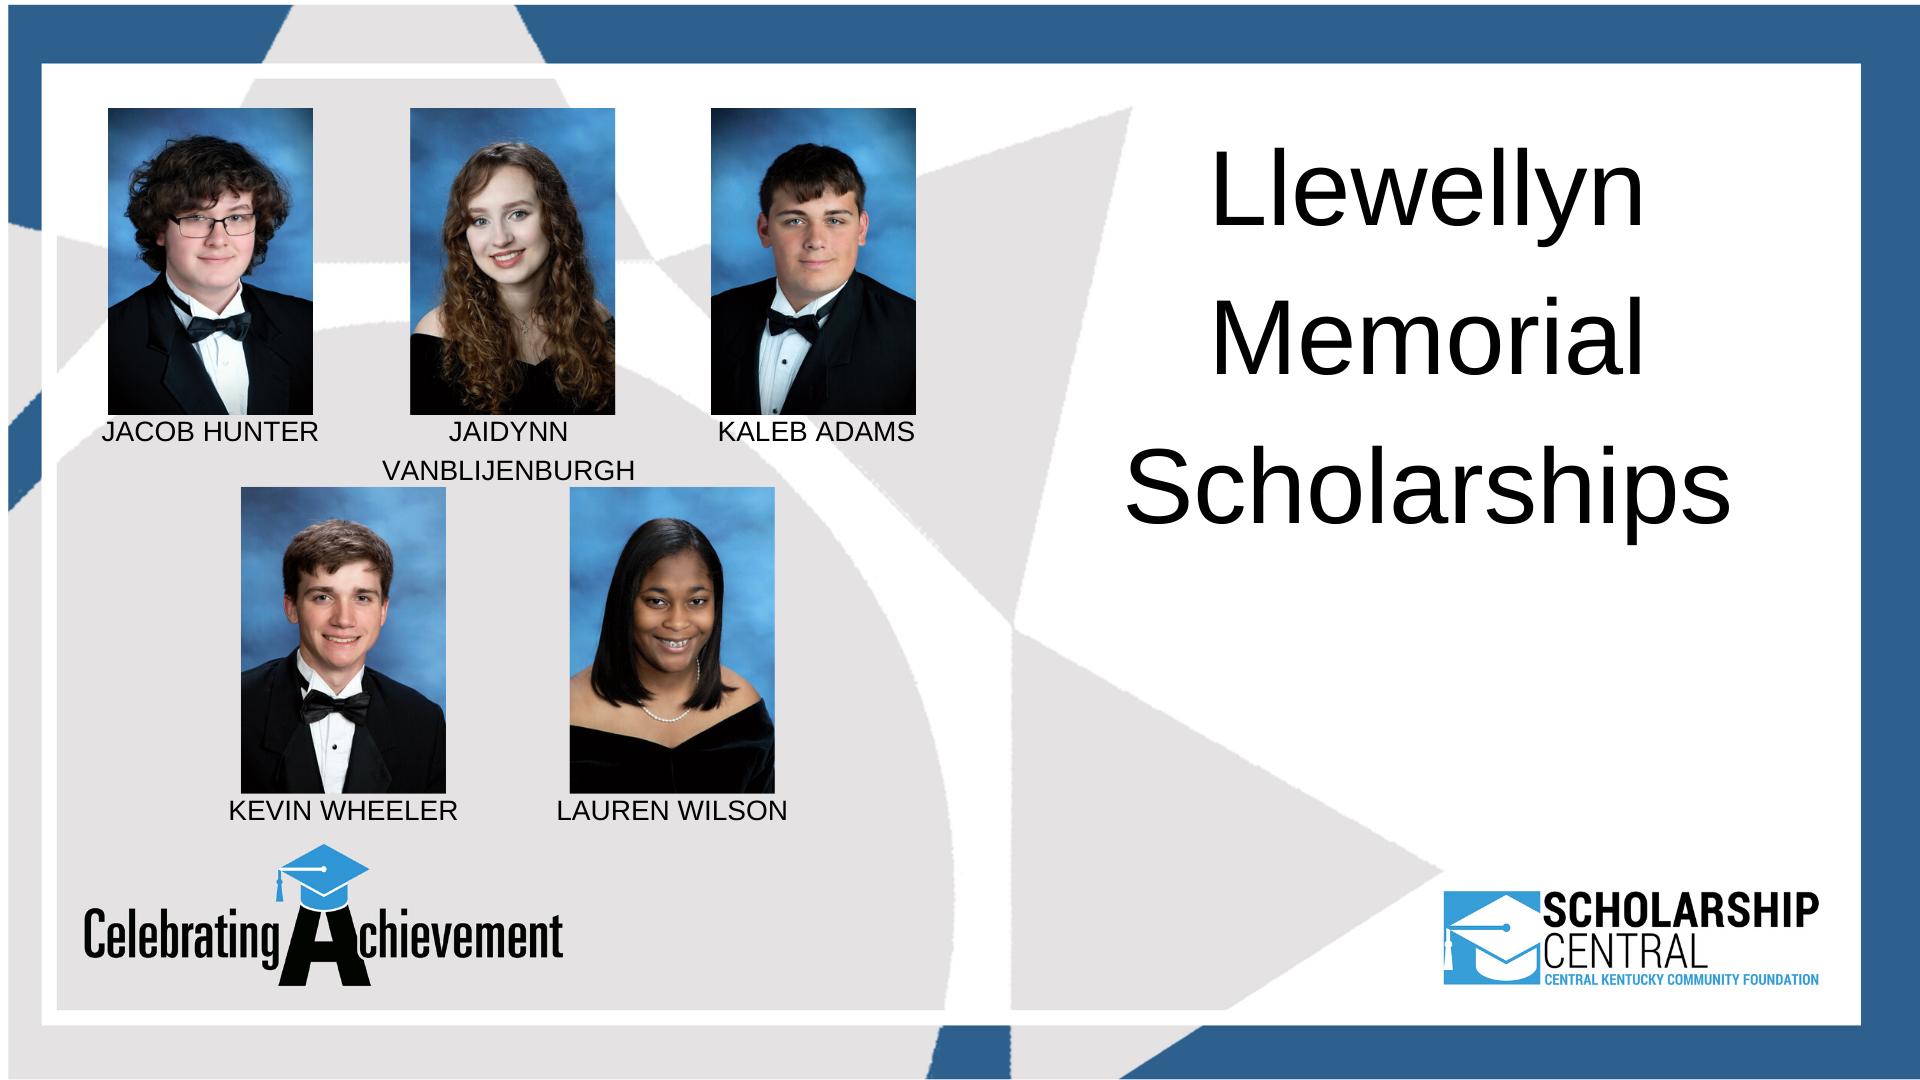 Llewellyn Memorial Scholarship3